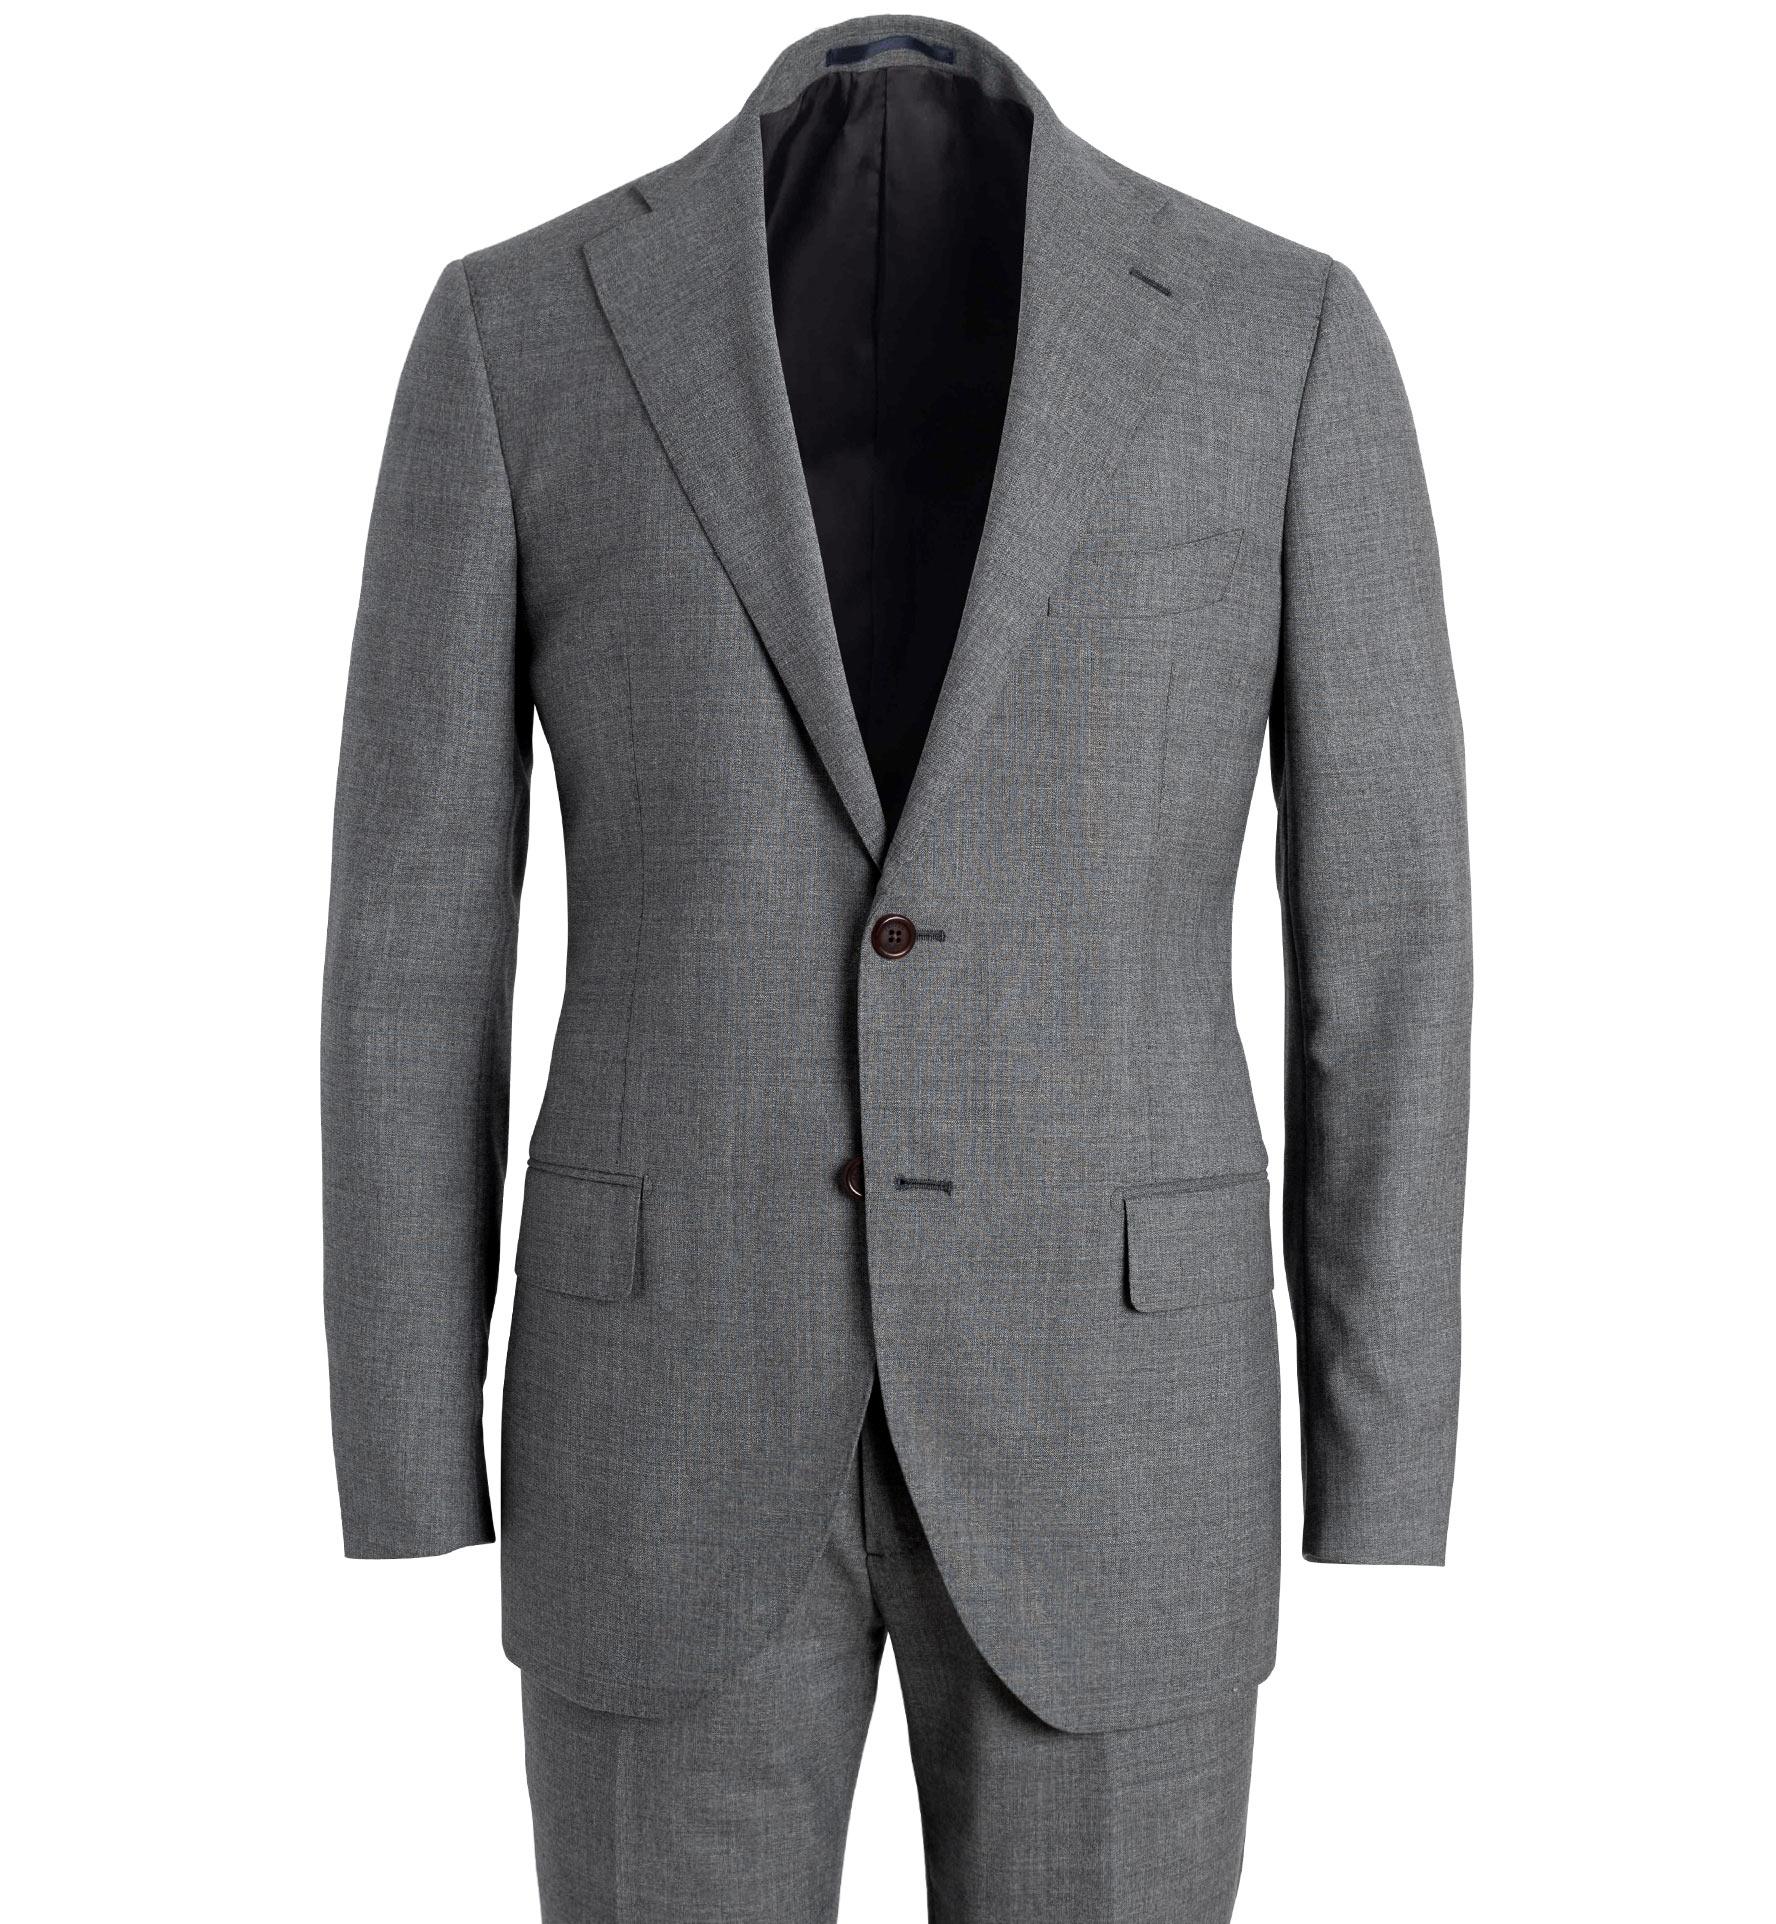 Zoom Image of Allen Grey Lightweight Fresco Wool Suit